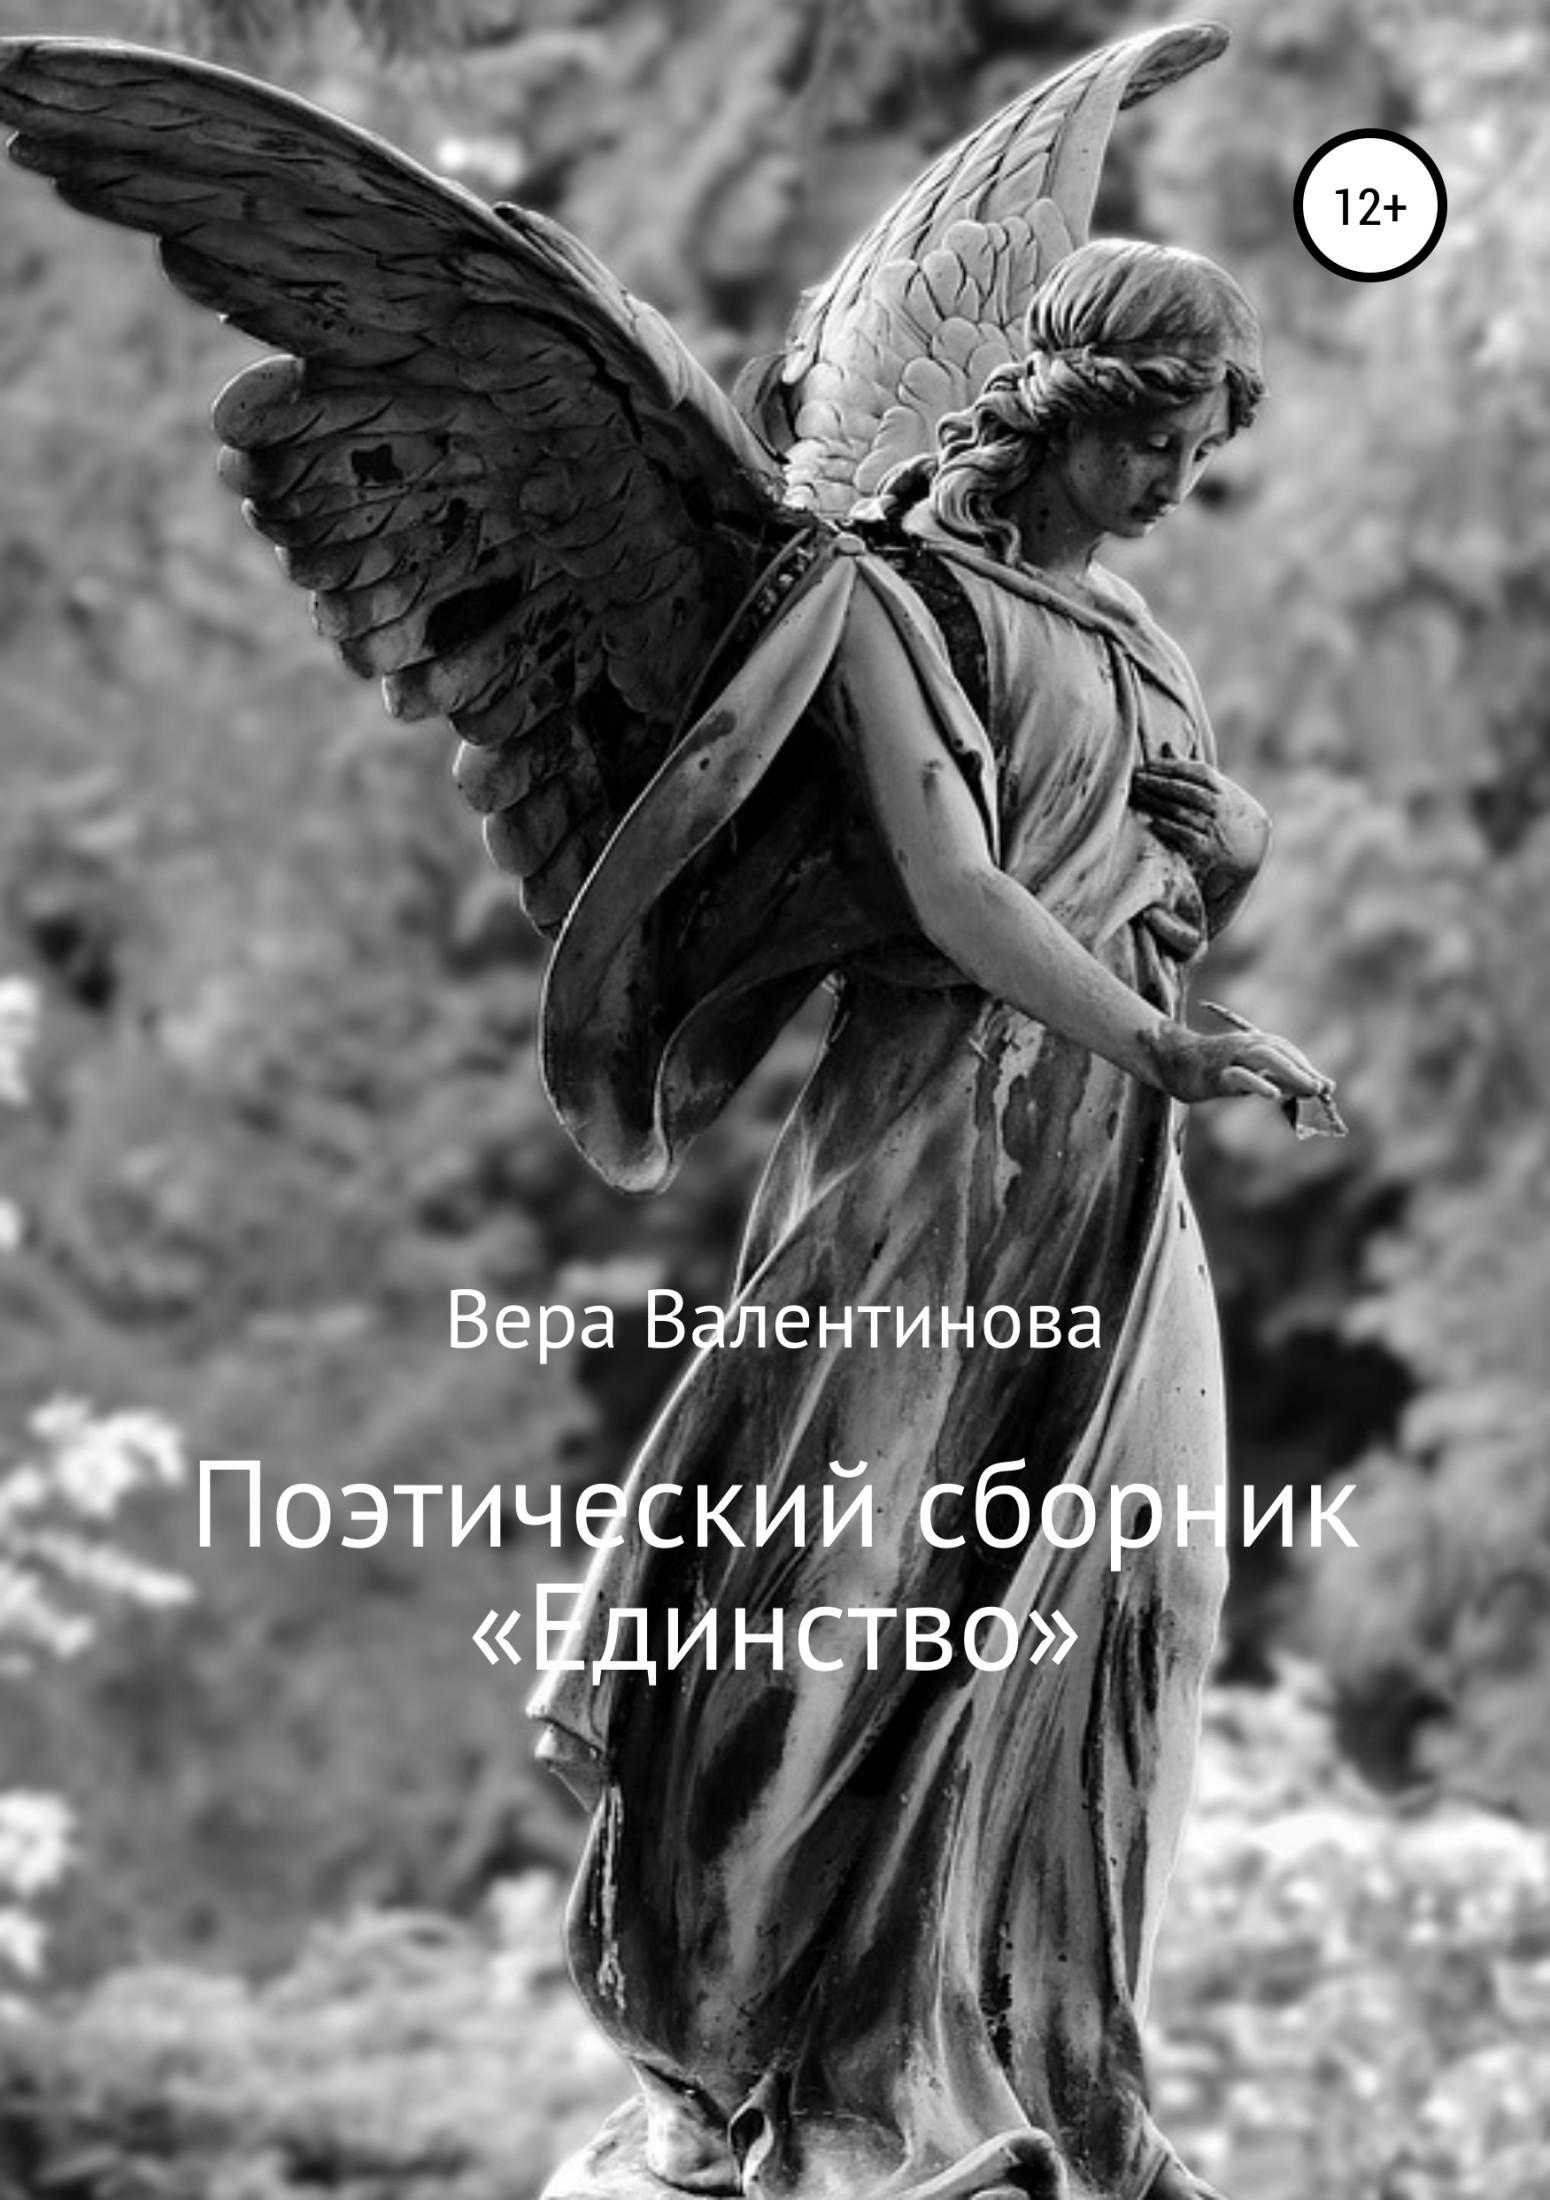 Вера Валентинова Поэтический сборник «Единство» клуб лжецов только обман поможет понять правду карр м